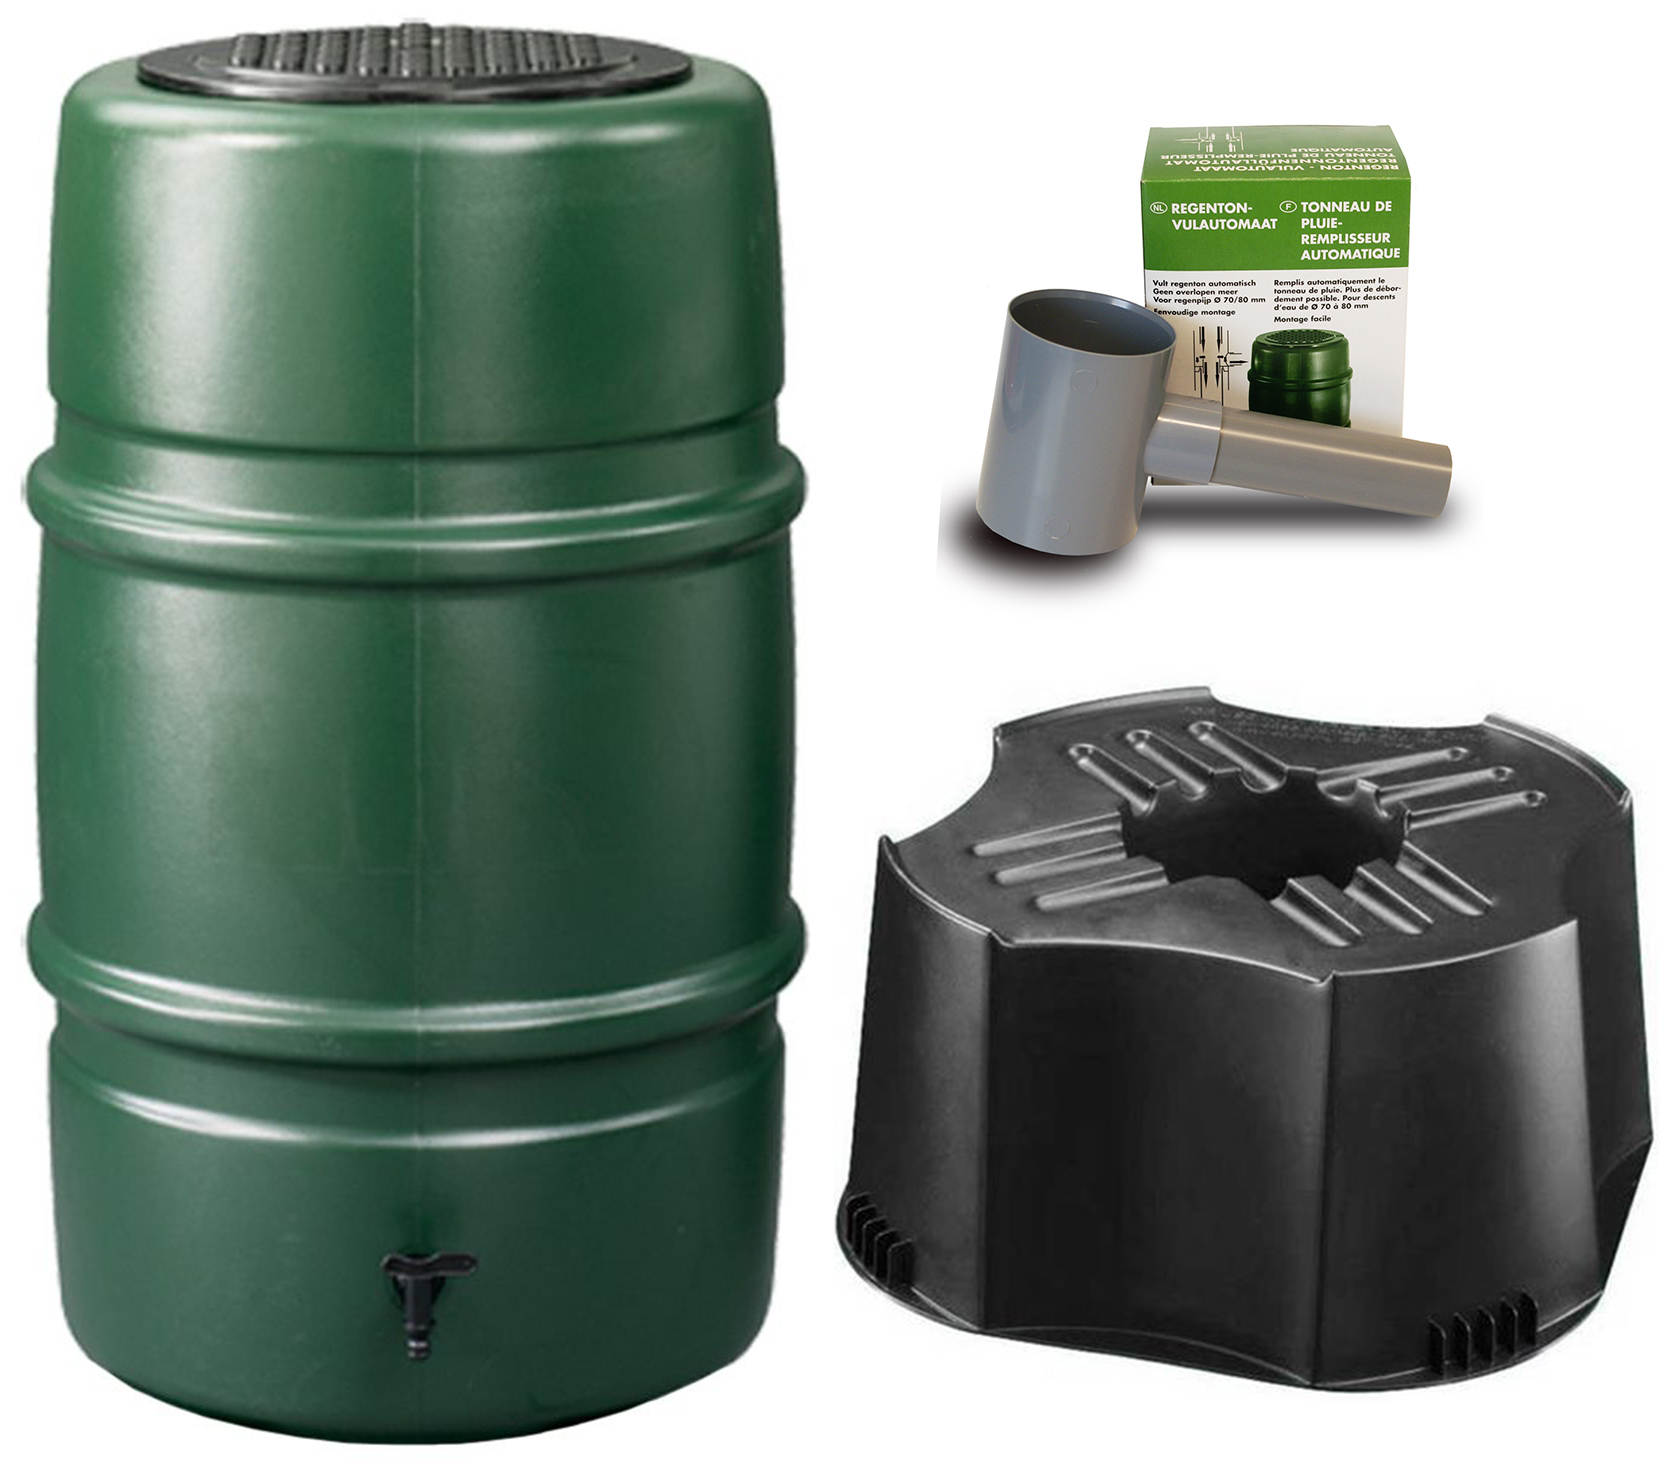 Harcostar Regenton Groen 227 Liter + Vulautomaat + Voet